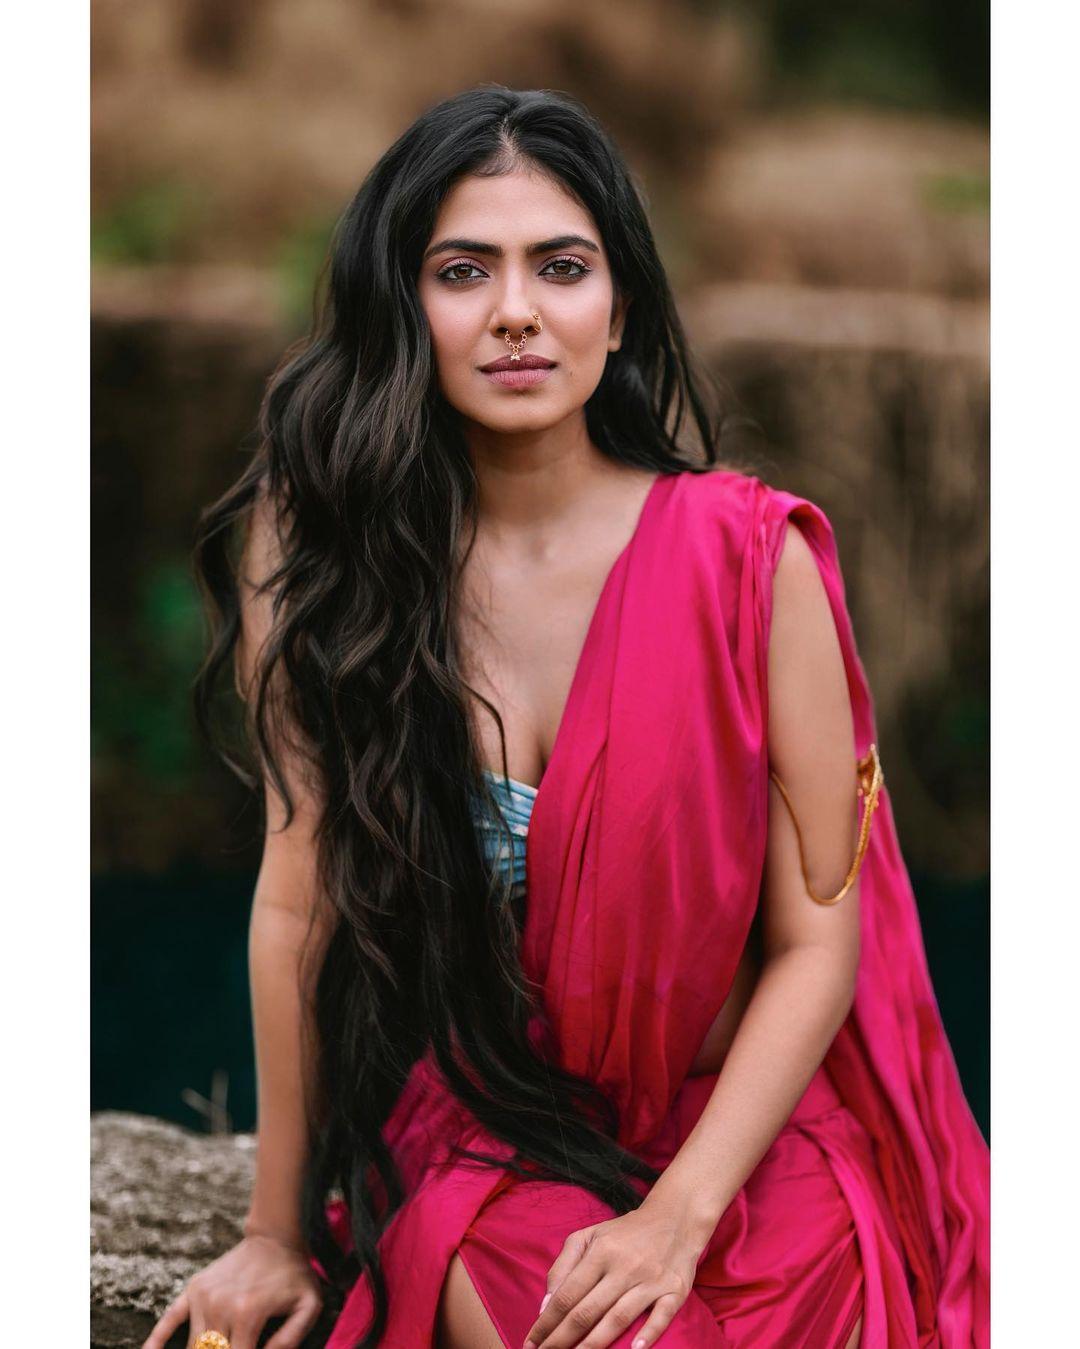 hot actress malavika mohanan pics apsara dress urvashi